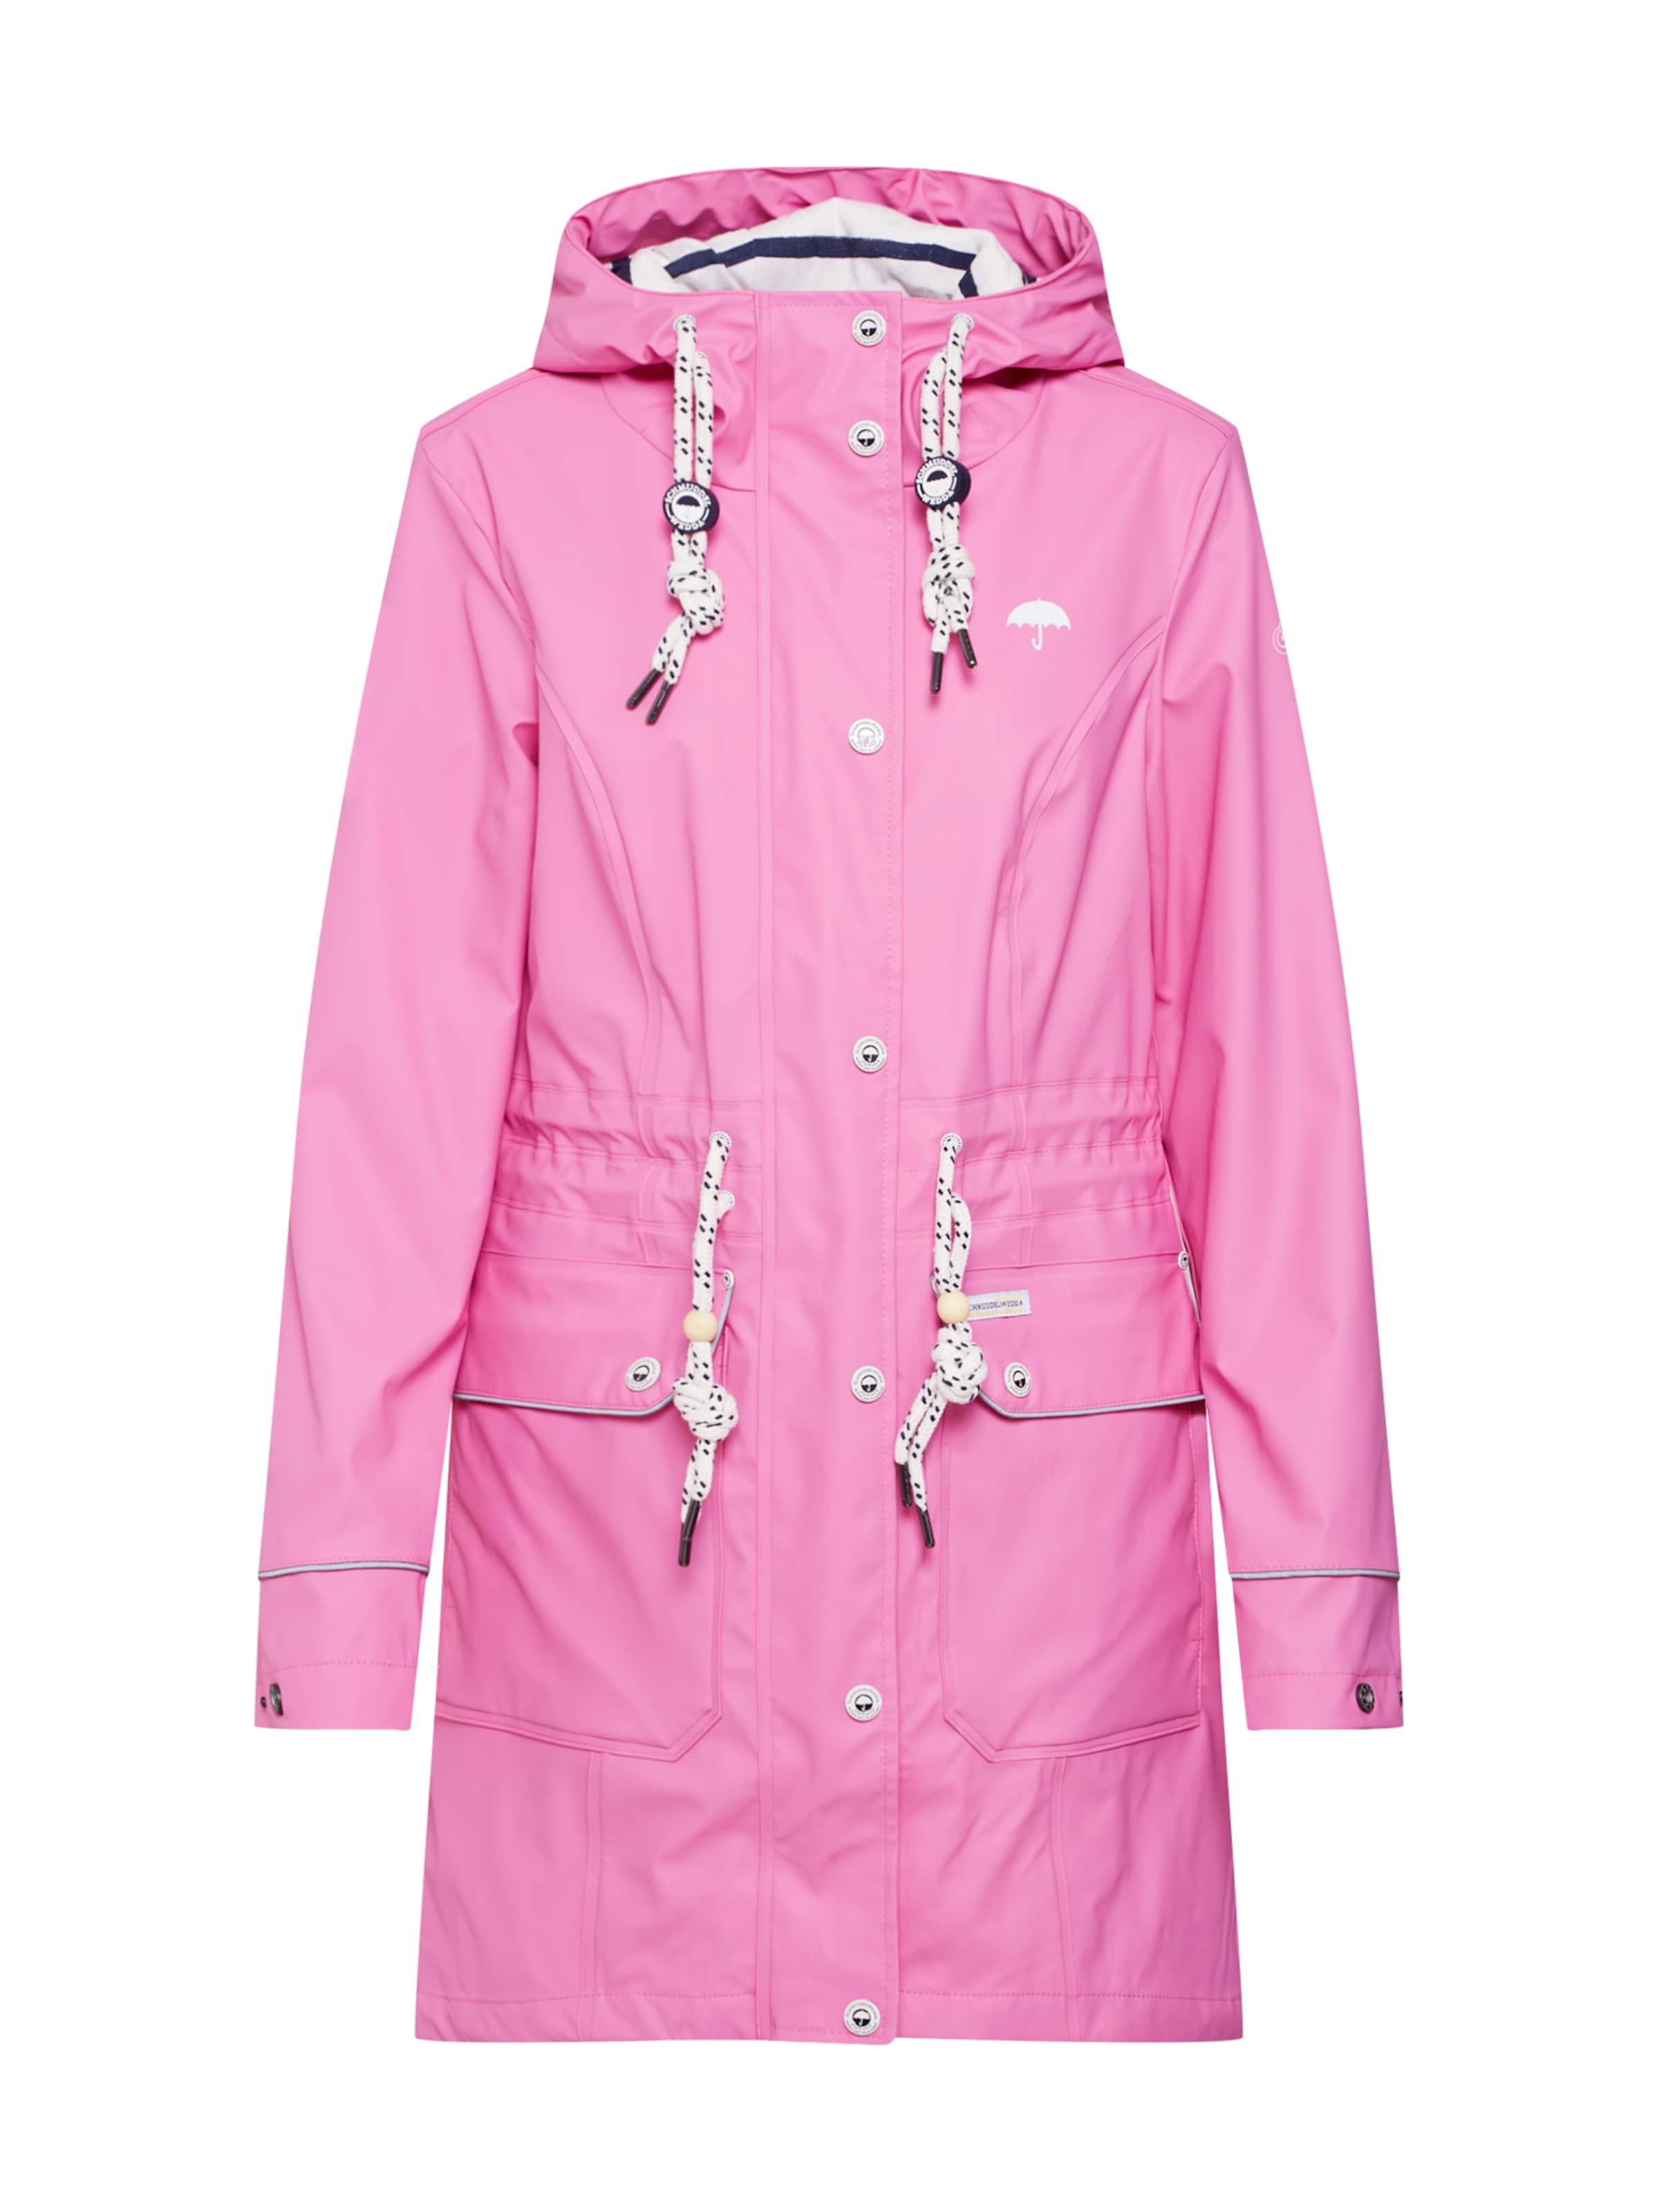 Regenjacke Pink Pink Regenjacke Schmuddelwedda In Regenjacke In Schmuddelwedda In Schmuddelwedda NZnPk0w8OX